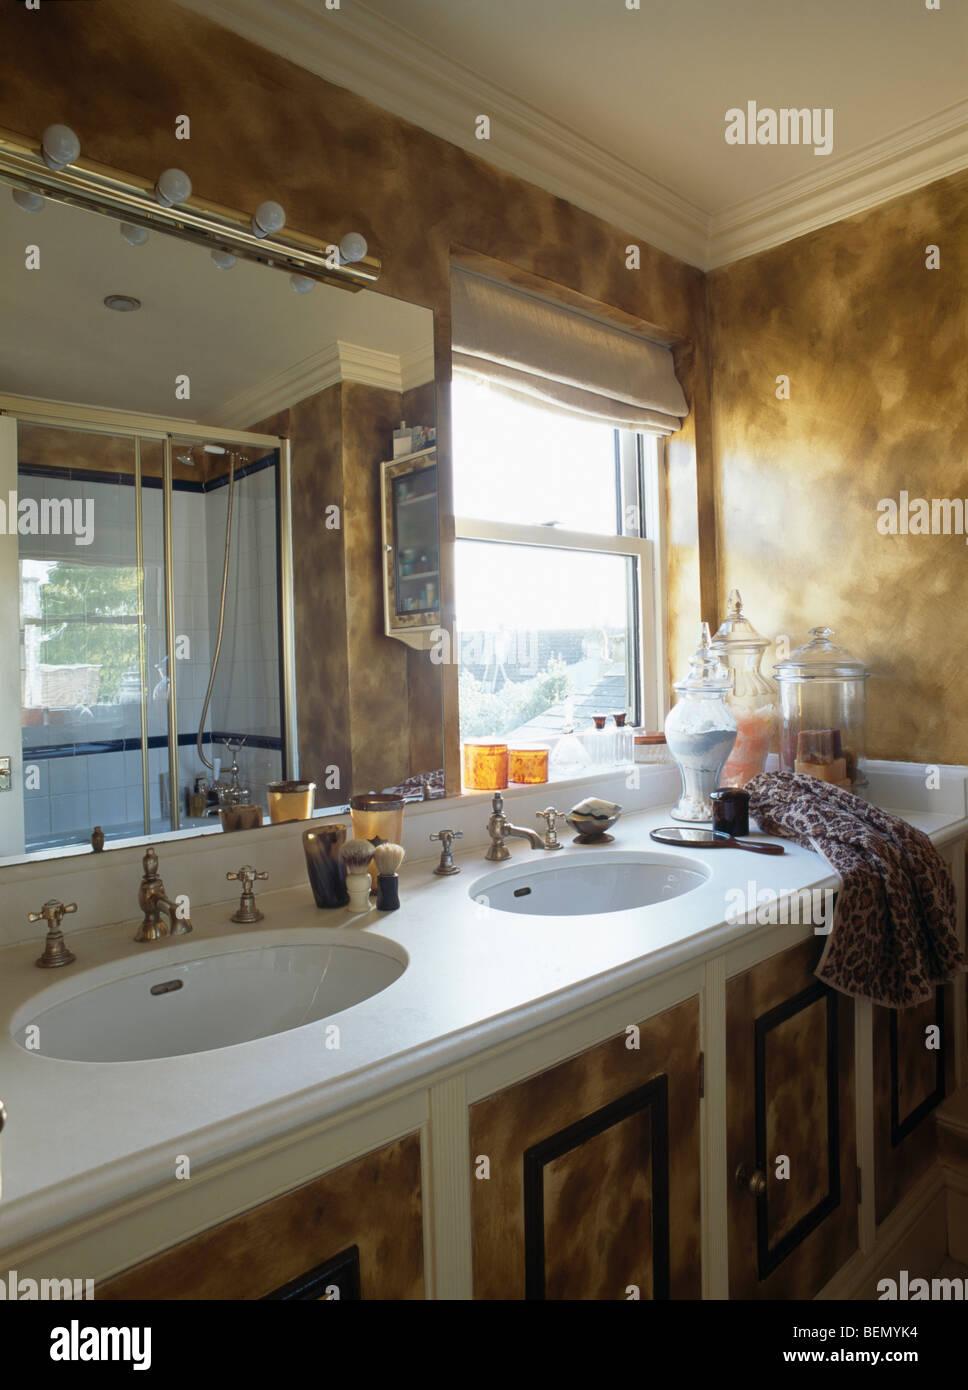 Vernice bagno top bagno bacino rubinetto retro nero vernice per cottura cromato rubinetto for Vernice piastrelle bagno